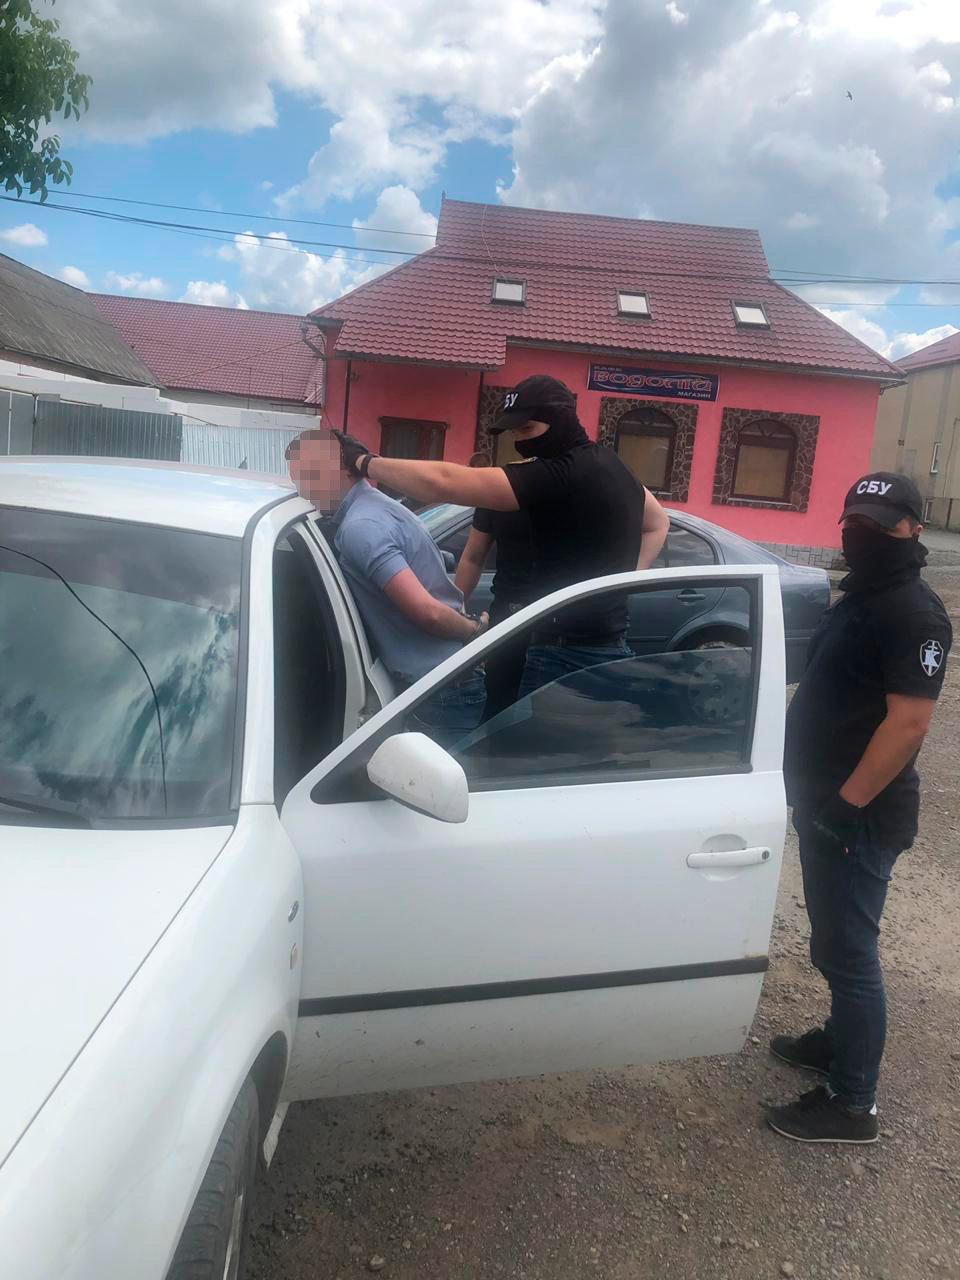 Закарпатські правоохоронці затримали начальника філії центру пробації при отриманні $400 хабара (ФОТО), фото-2